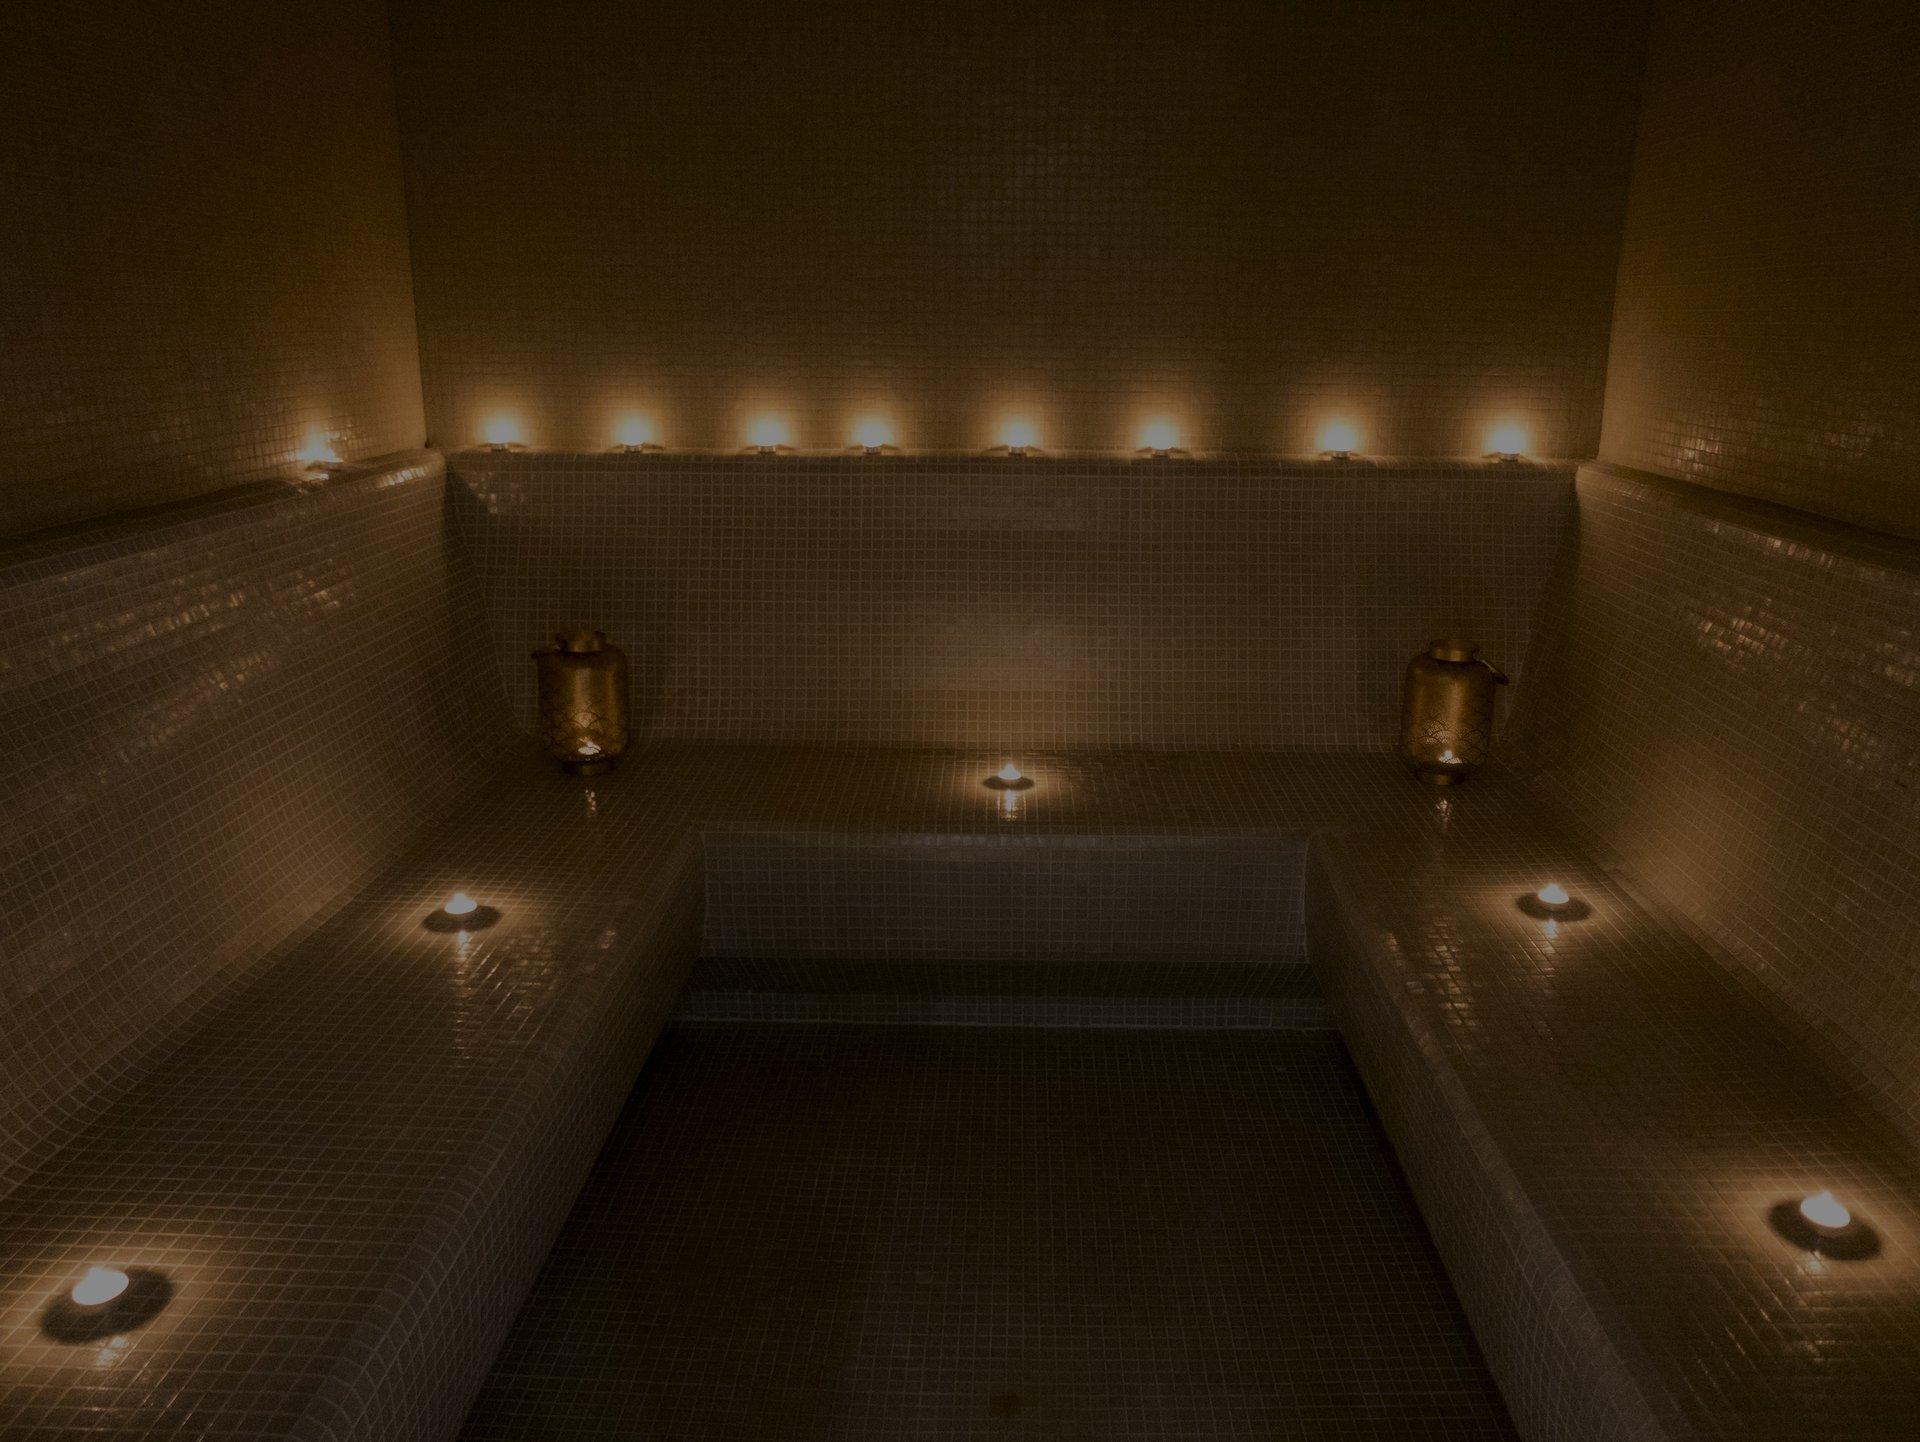 Sala con luci soffuse per bagno turco